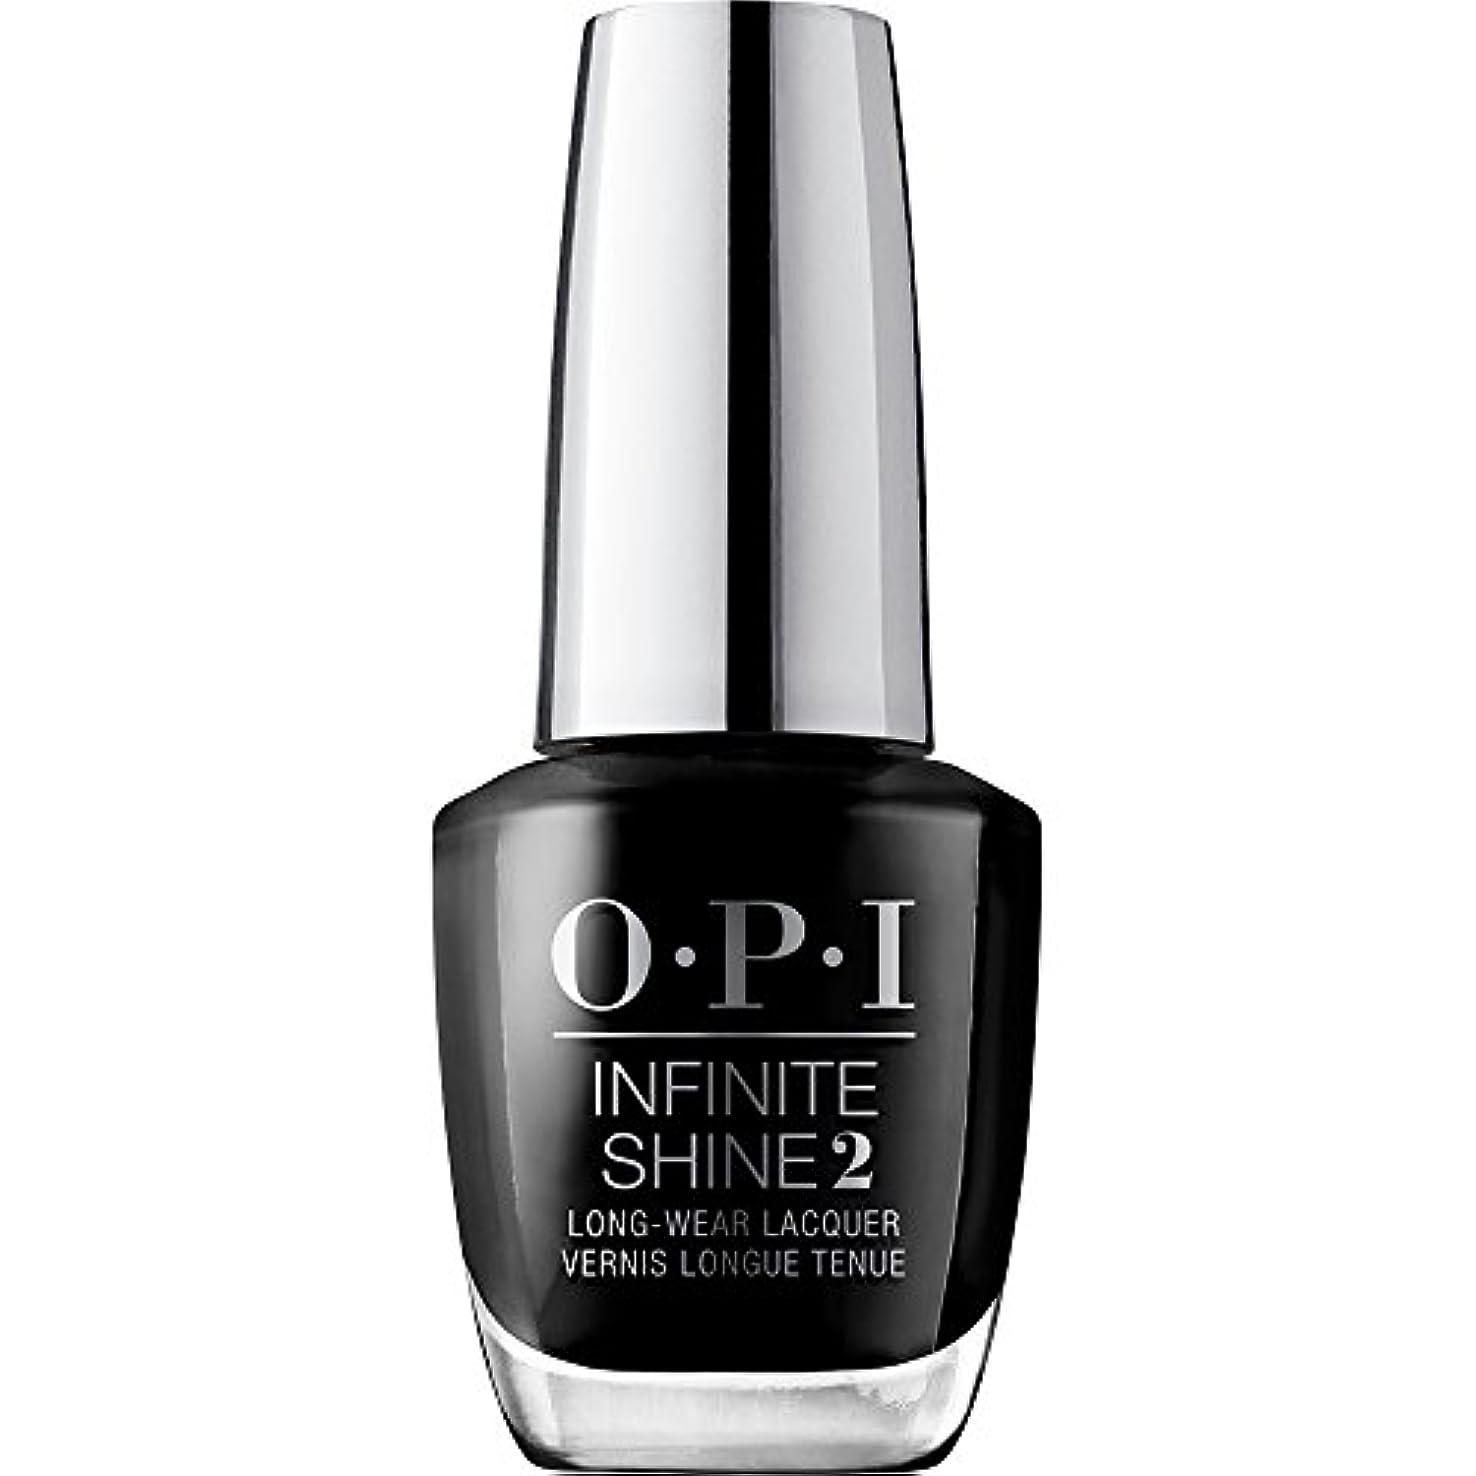 人種レイ韻OPI(オーピーアイ) インフィニット シャイン ISL T02 ブラック オニキス